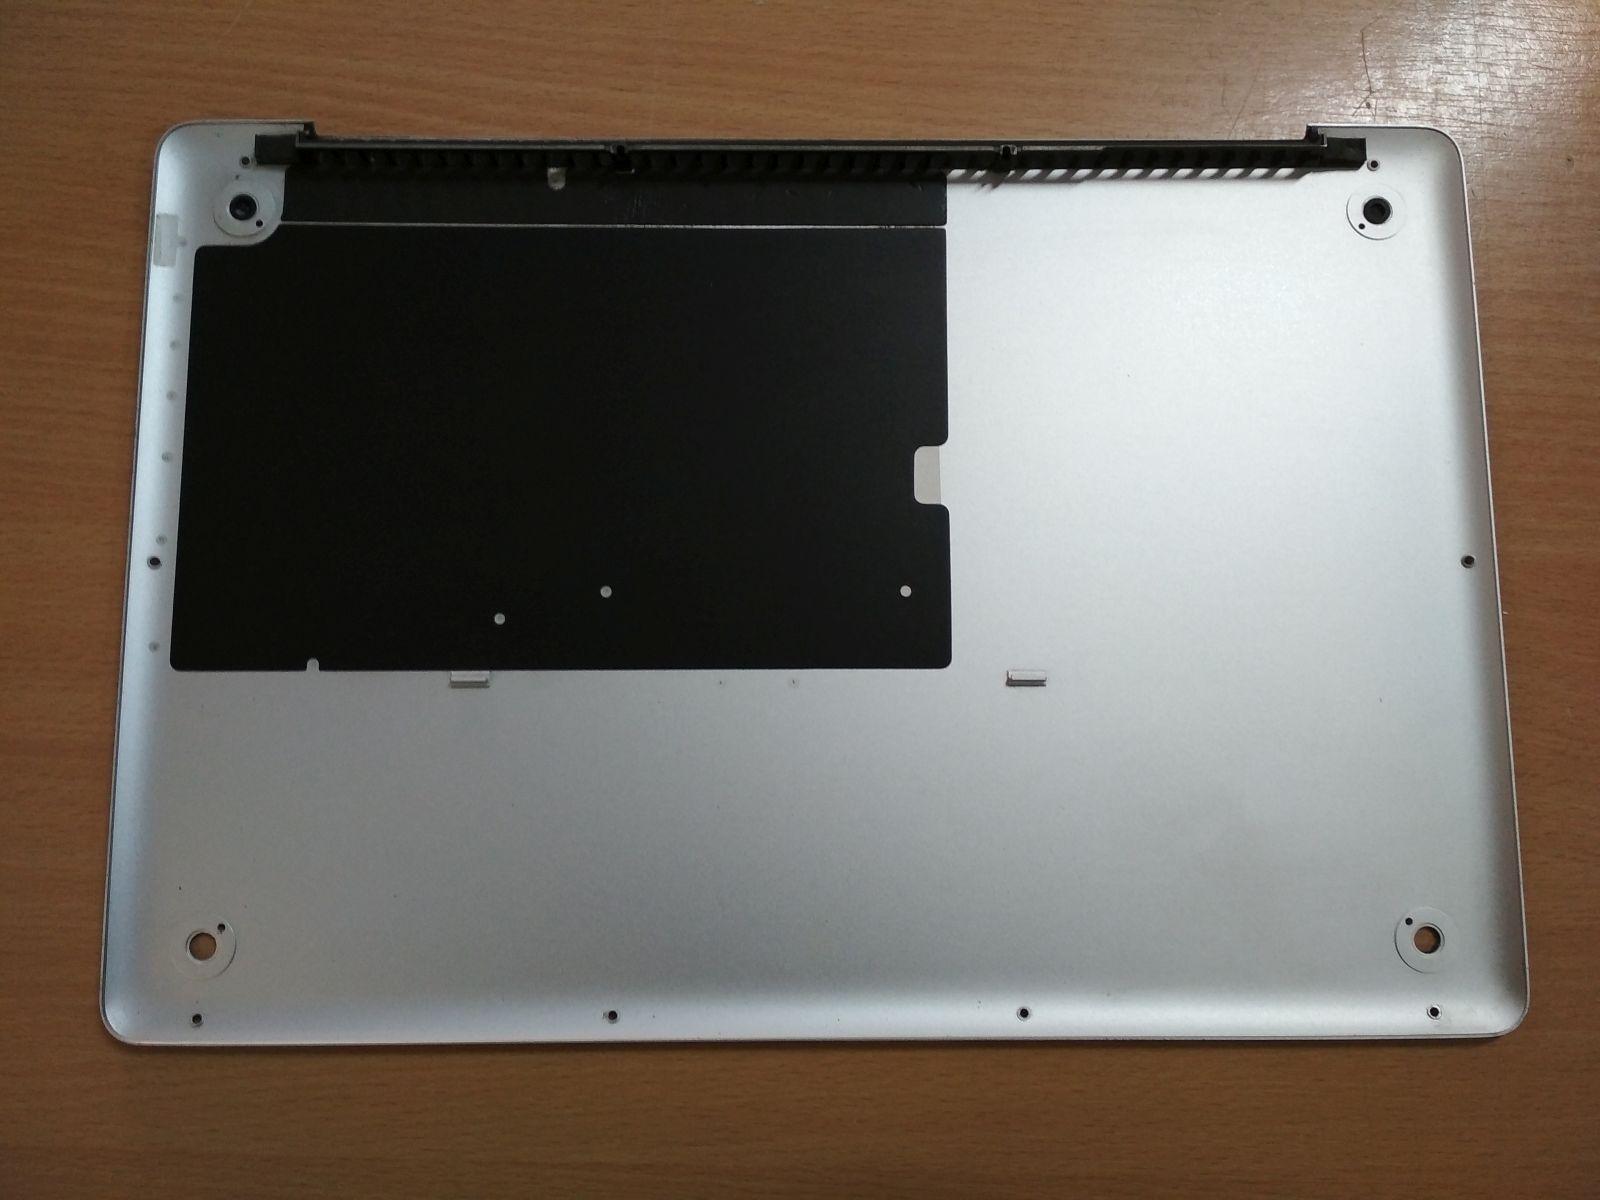 Apple Macbook Pro 15 A1286 2009 - 2012 alsókaszni 613-7739-A használt 1 hó gar!